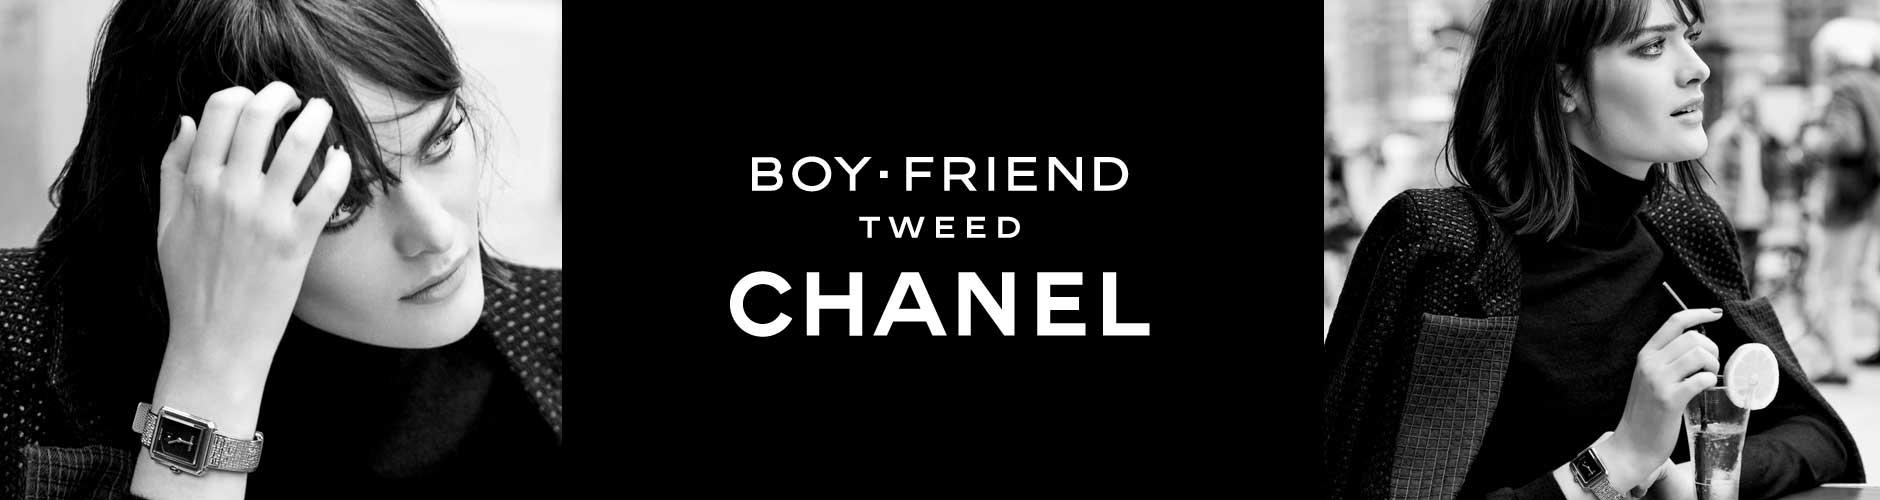 Neiman Marcus Chanel Shoes Sale